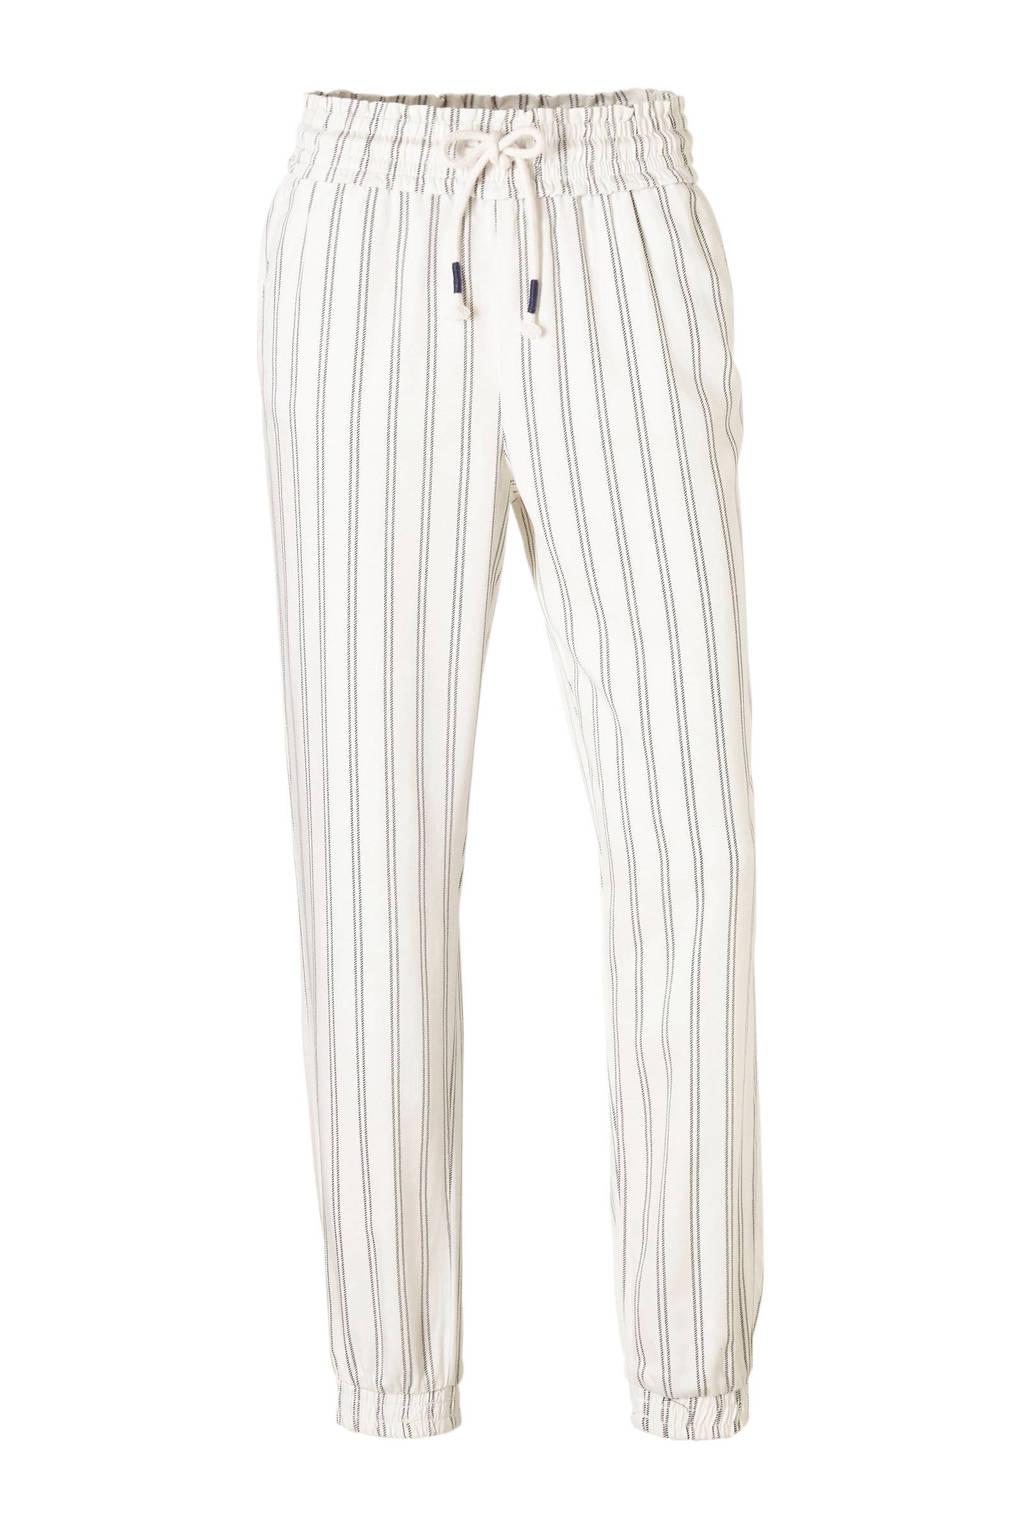 C&A gestreepte broek wit, Wit/zwart